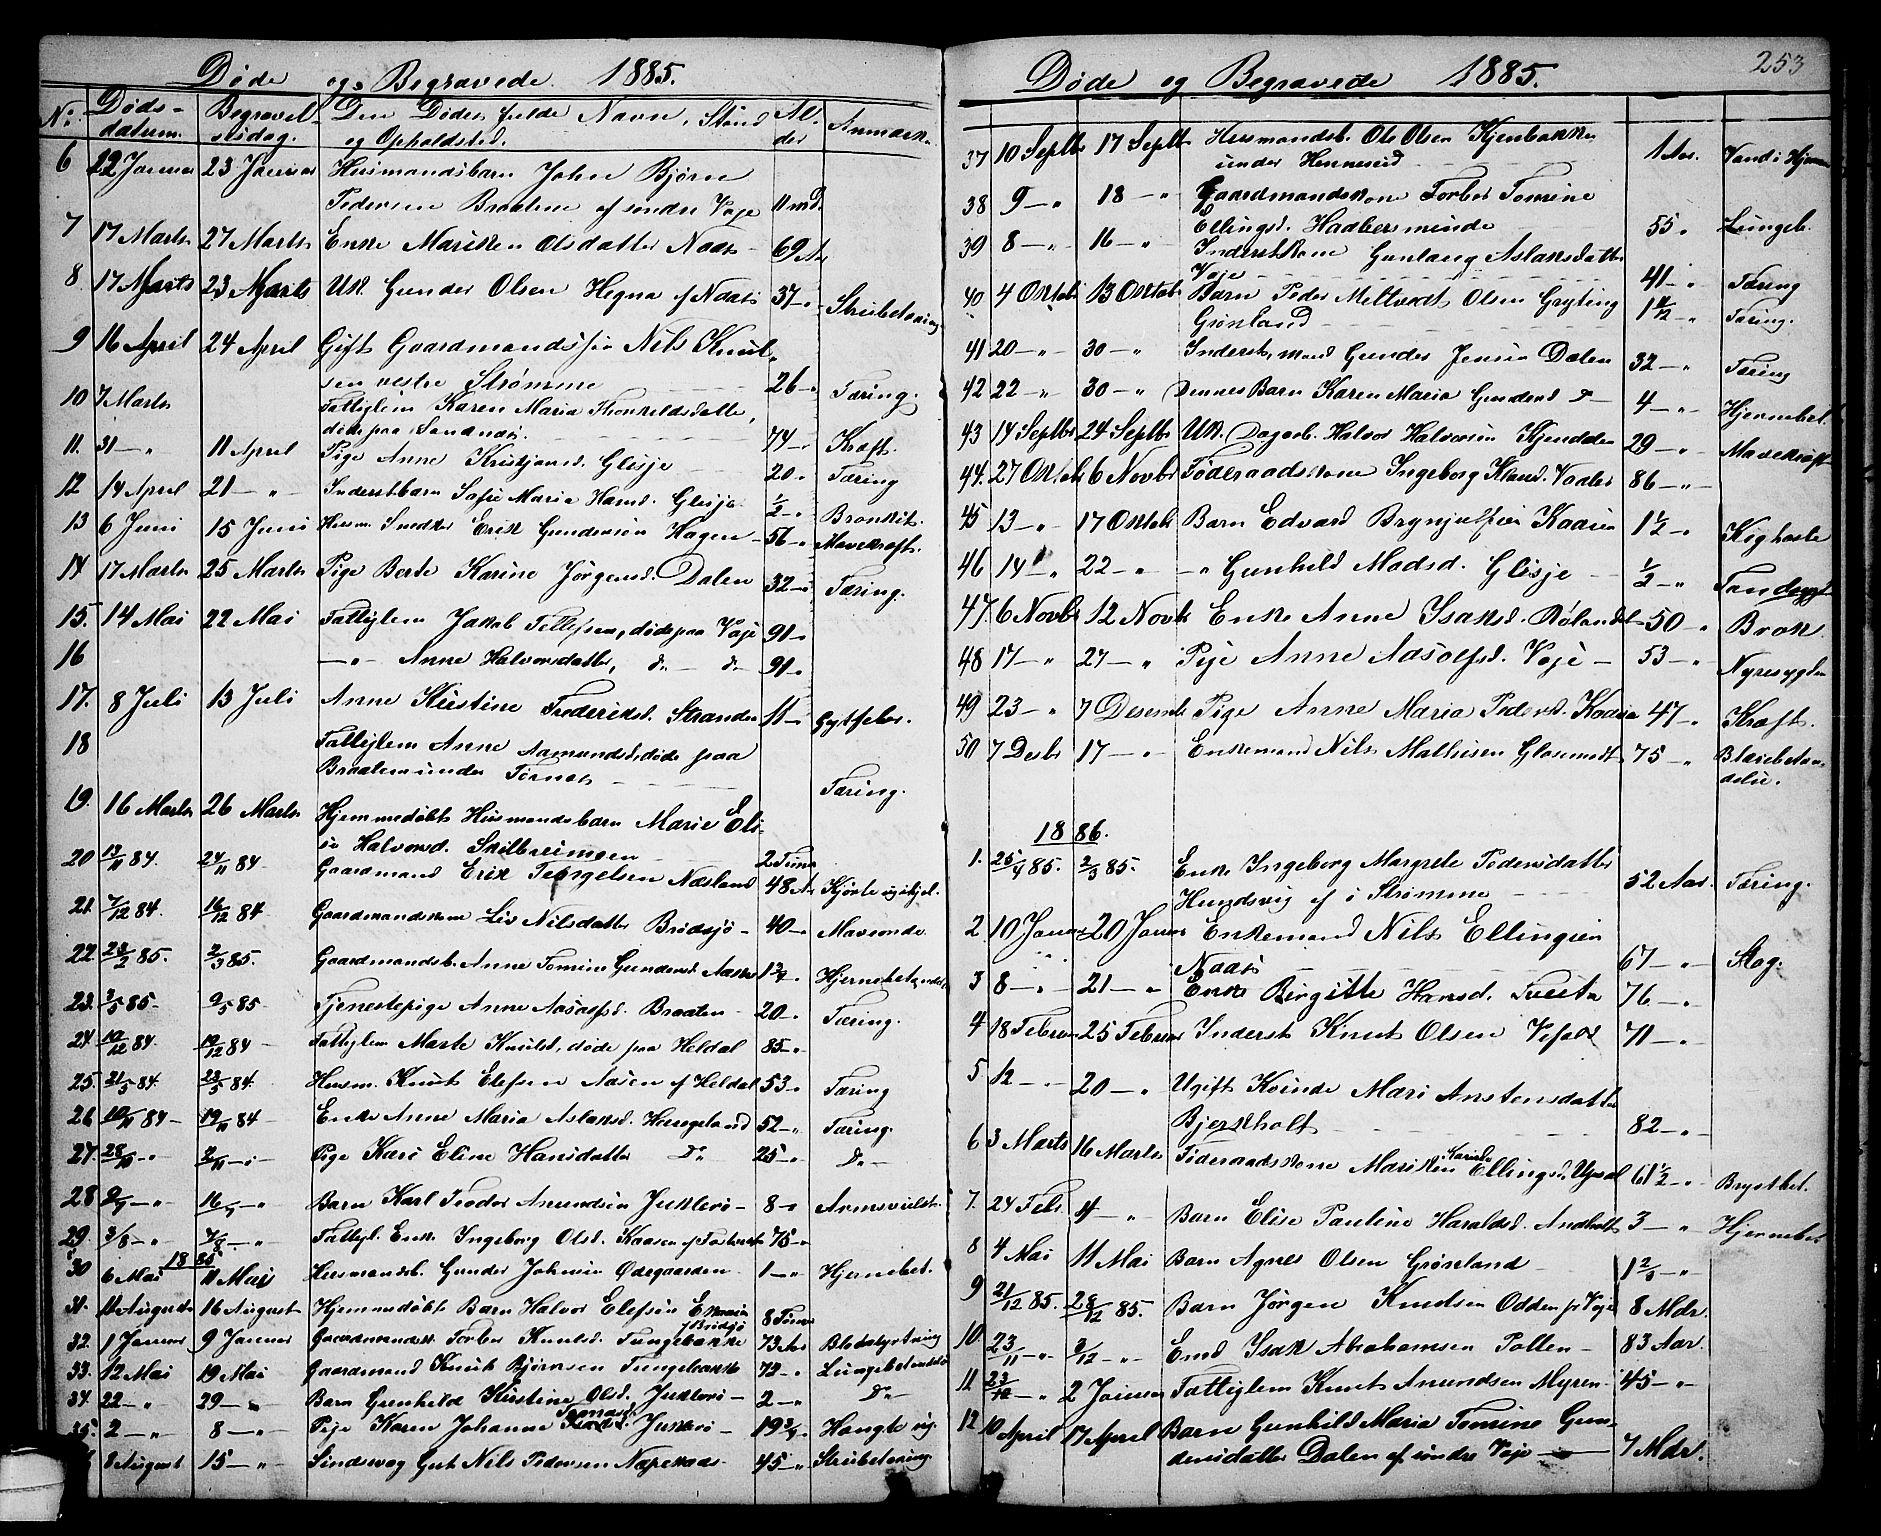 SAKO, Drangedal kirkebøker, G/Ga/L0002: Klokkerbok nr. I 2, 1856-1887, s. 253